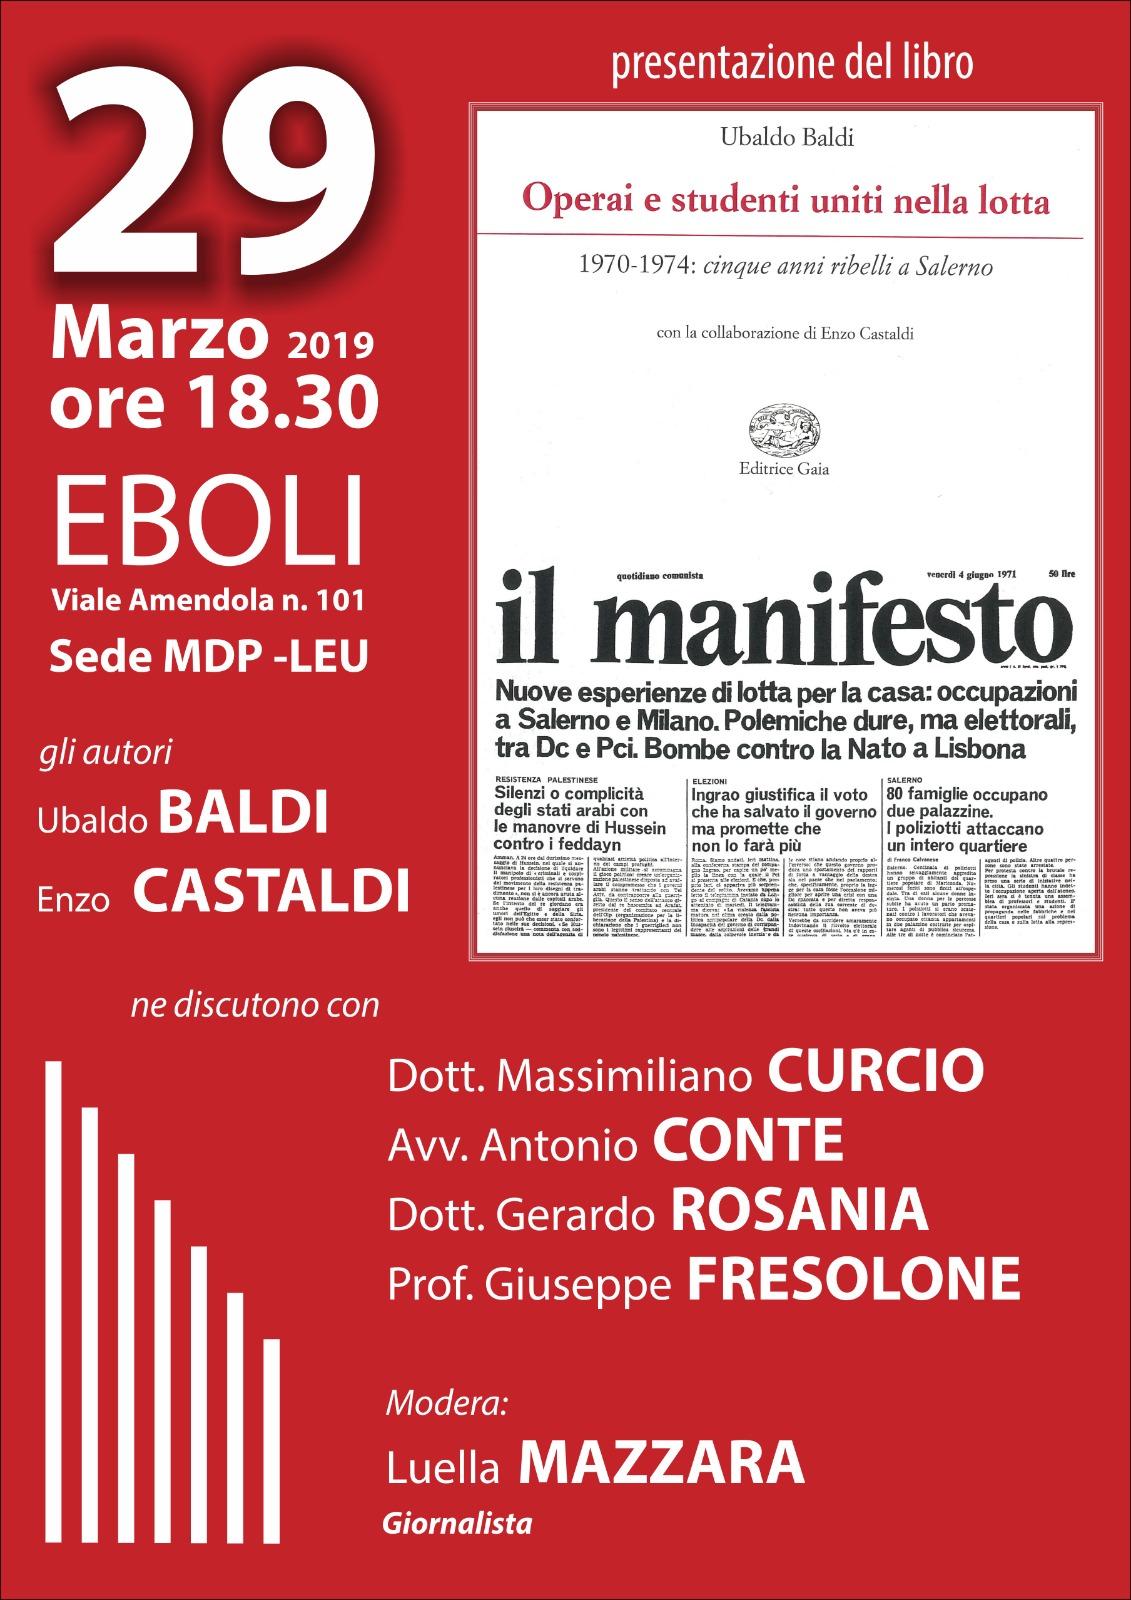 Eboli-presentazione-Libro-di-Baldi-e-Castaldi